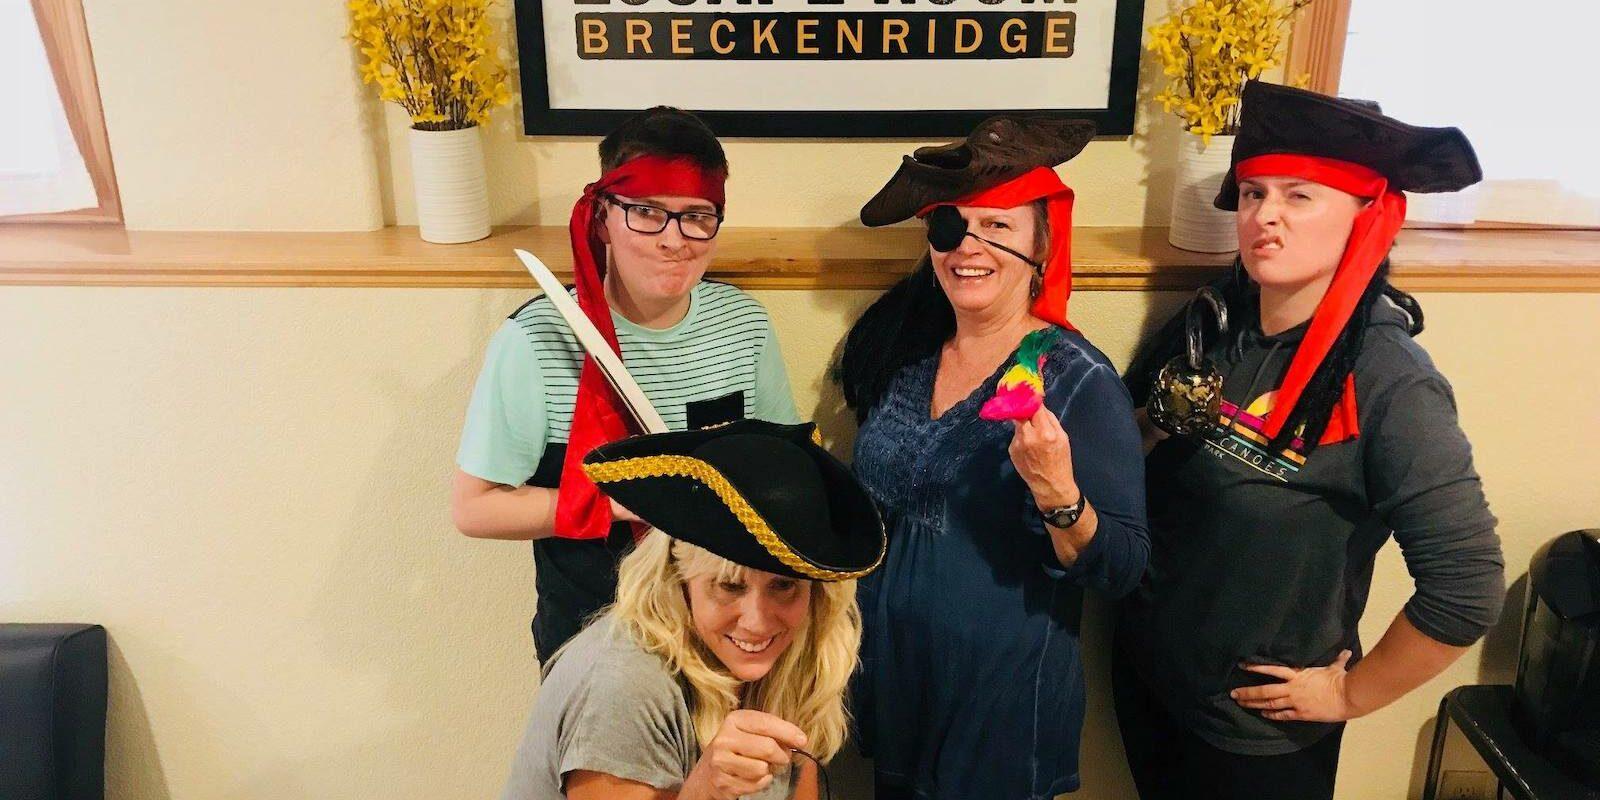 Escape Room in Breckenridge, CO